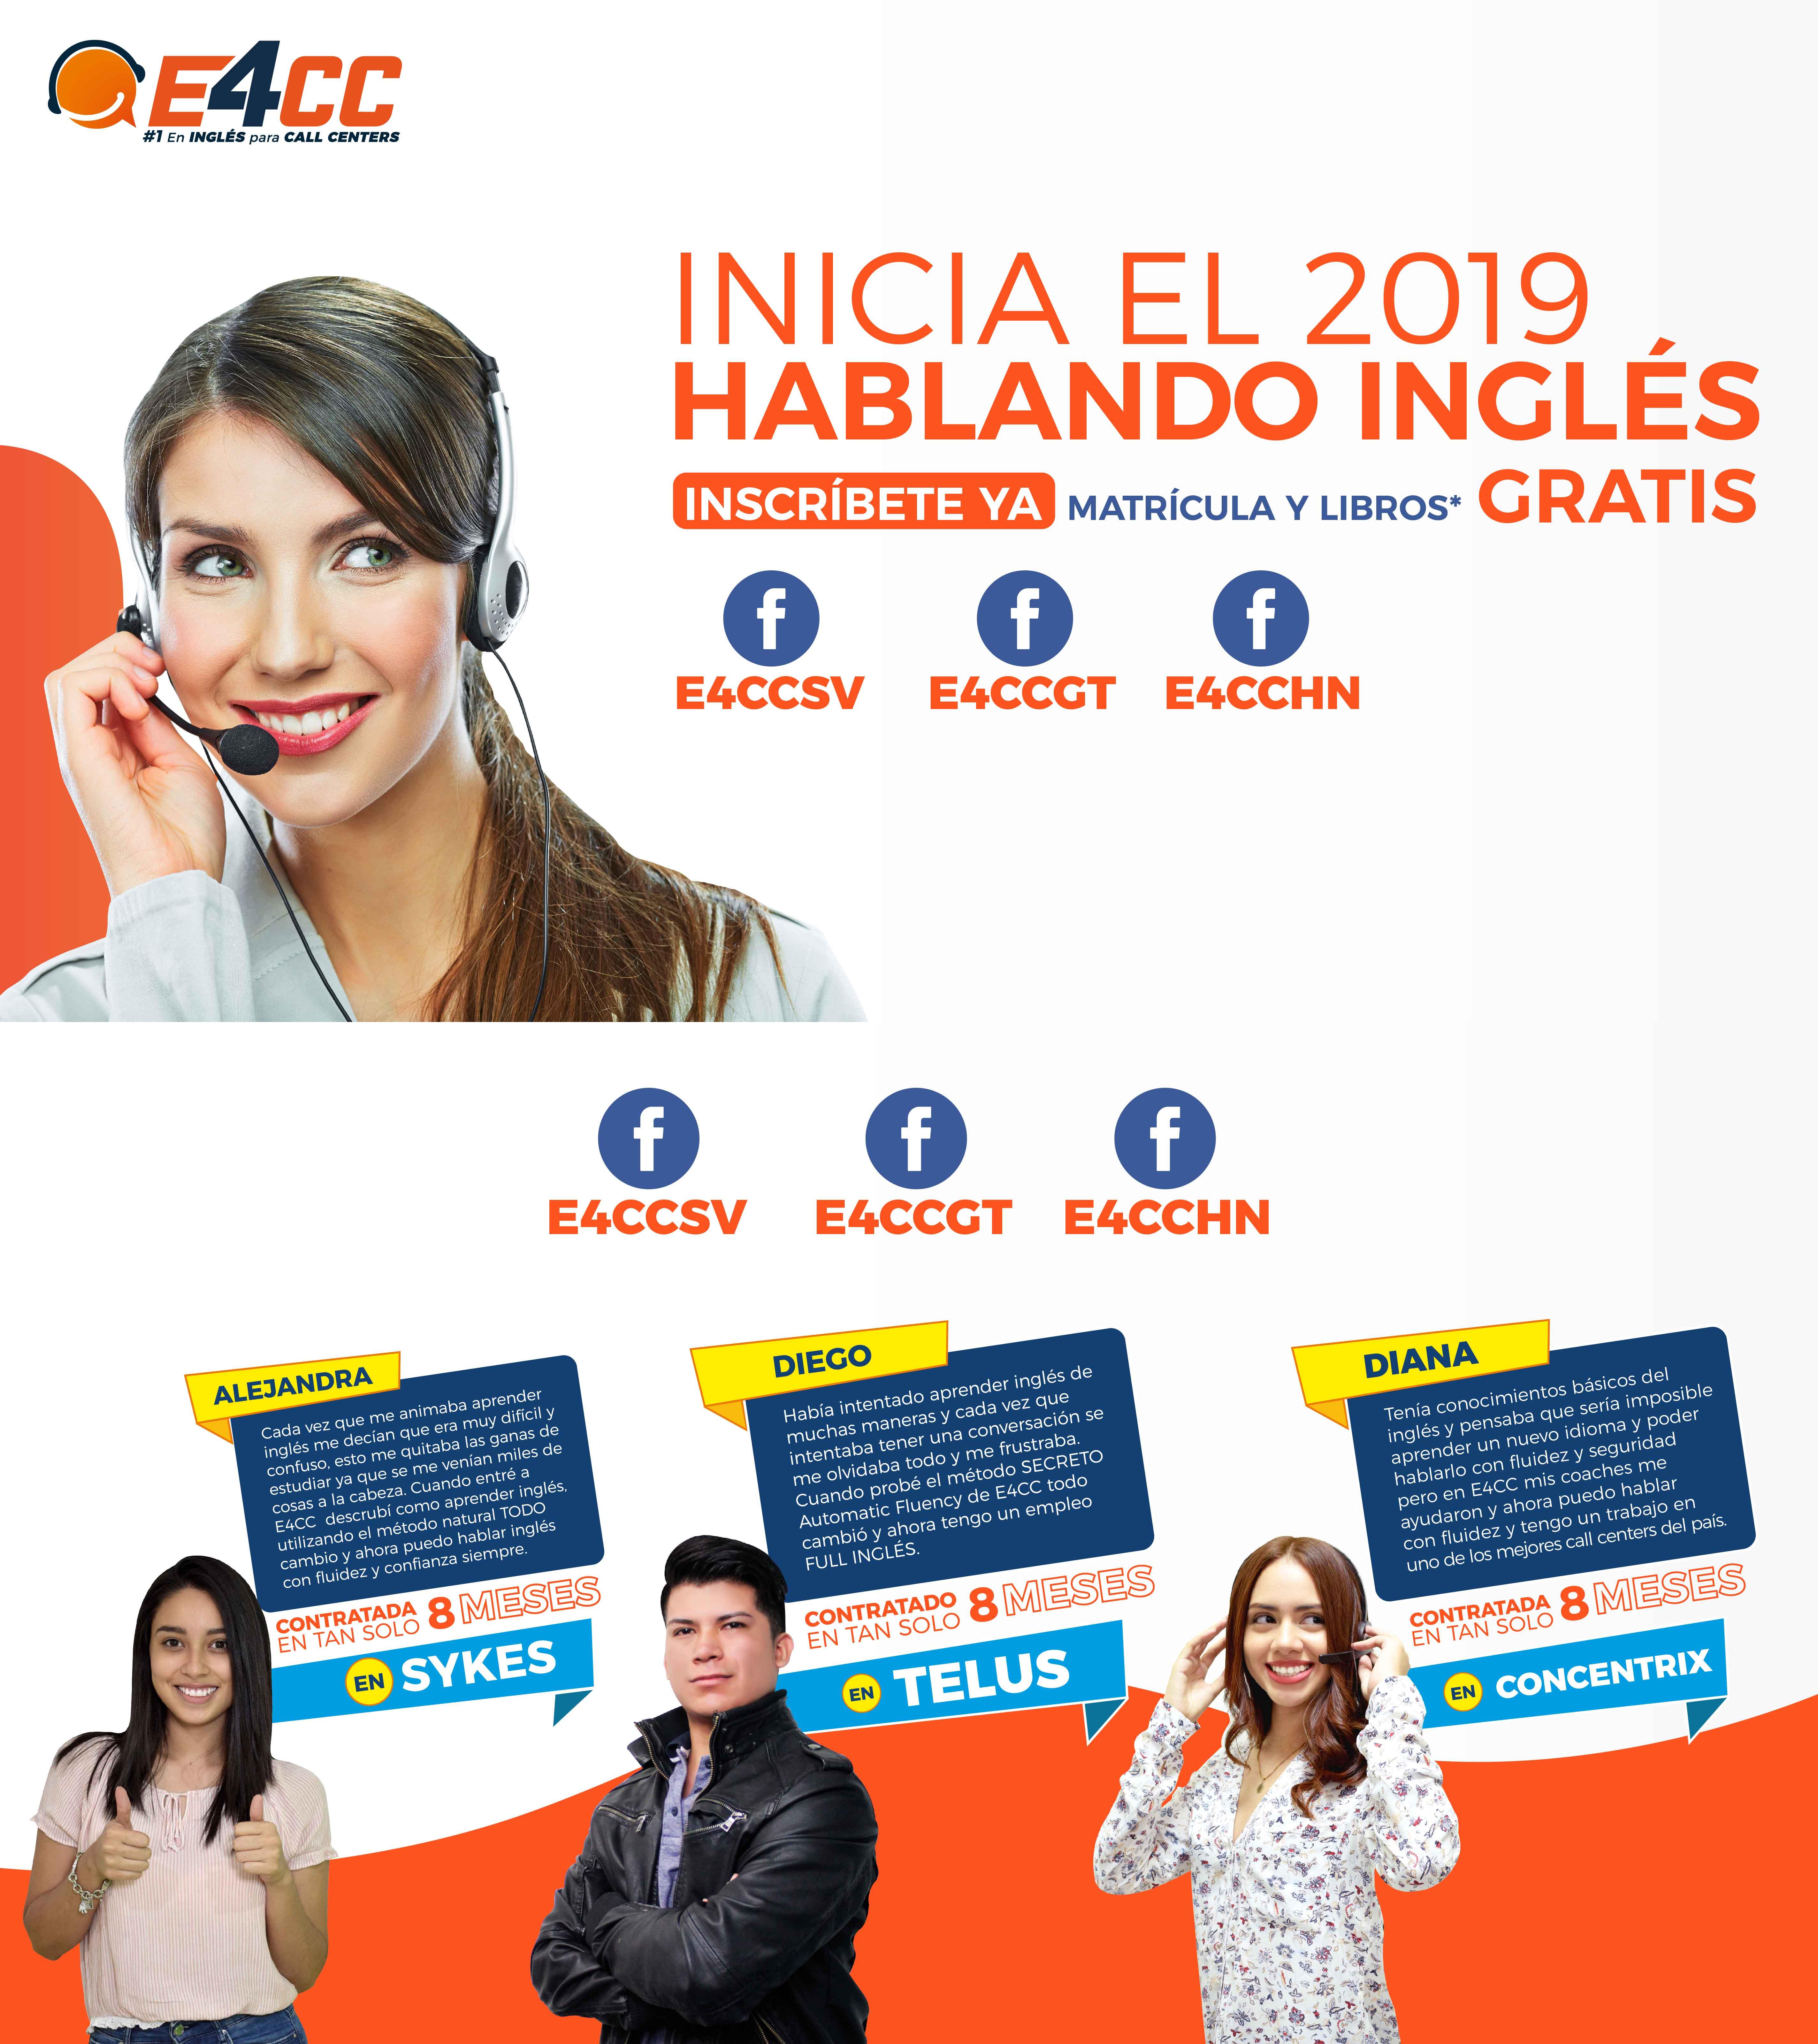 comienza el 2019 hablando ingles en el salvador, Guatemala, Honduras